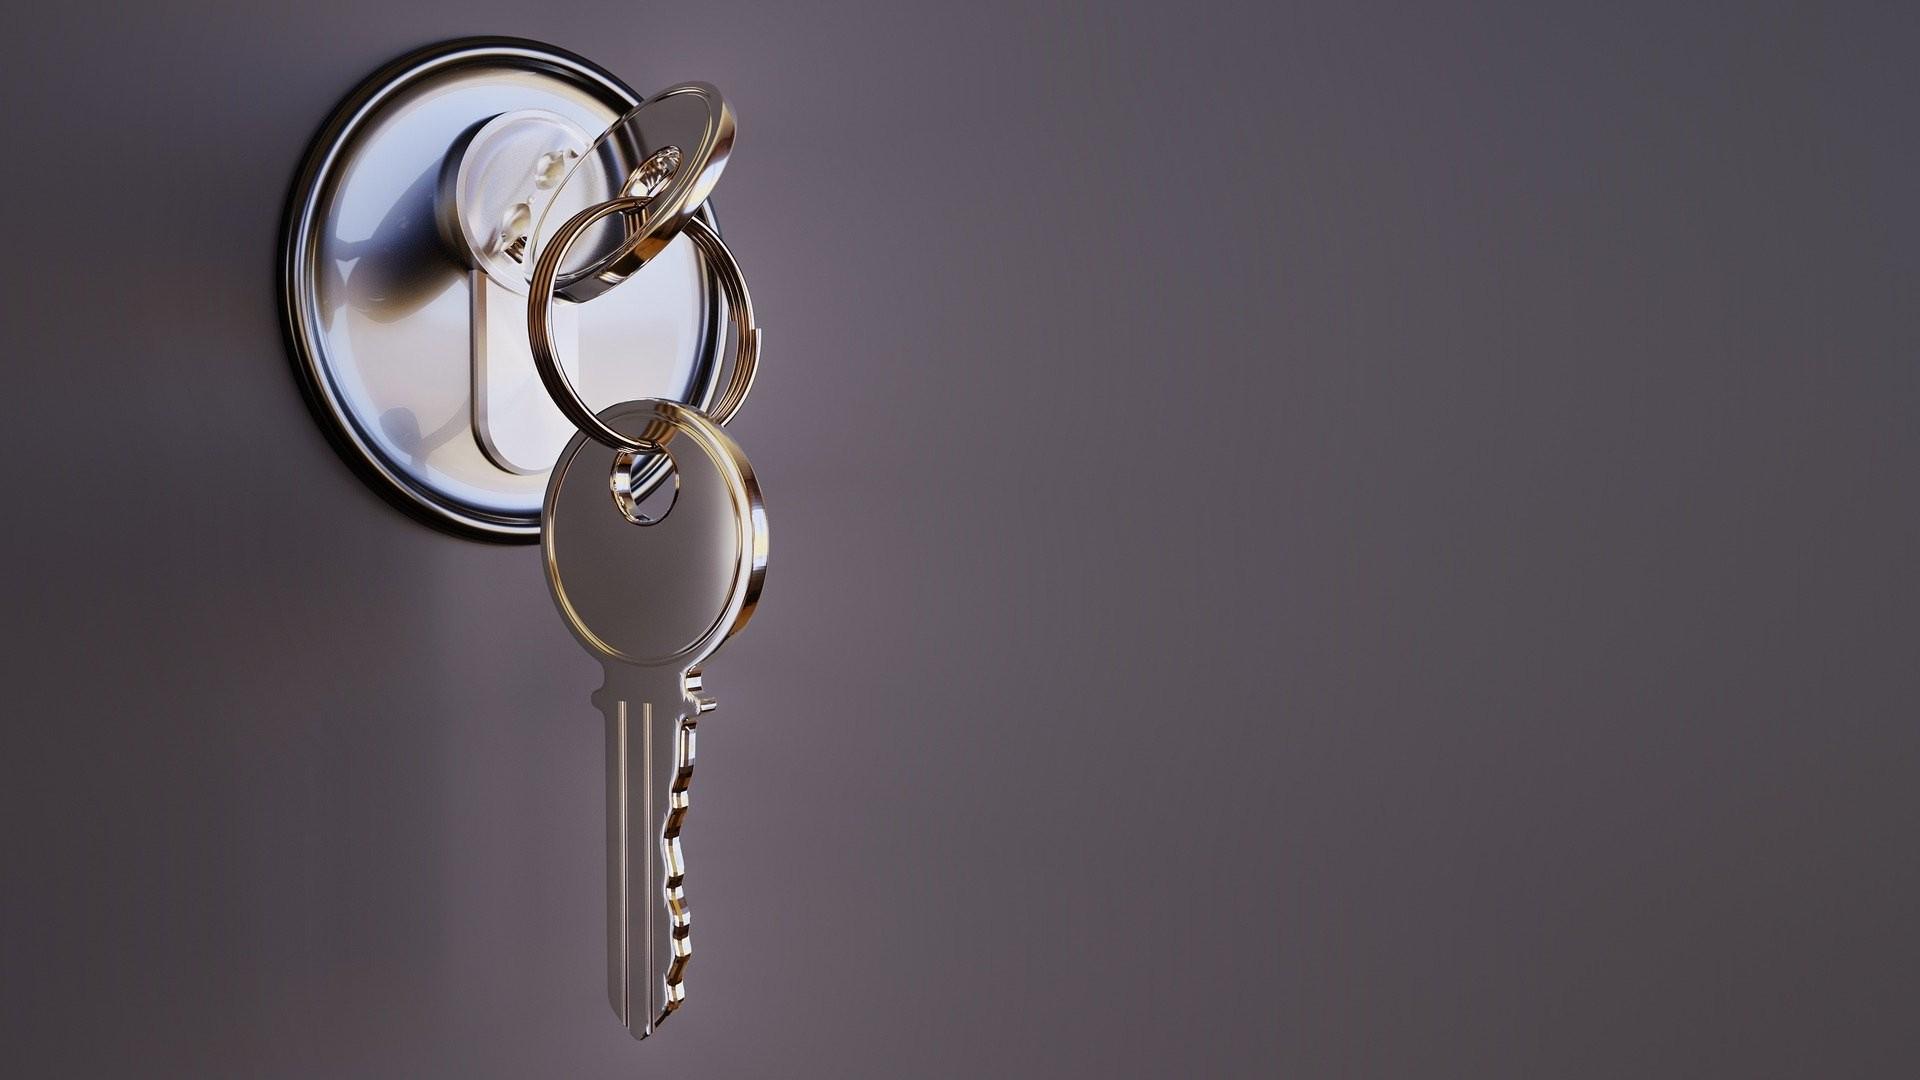 Wo finde ich einen guten Schlüsseldienst? Bei der Vielzahl an Schlüsseldiensten in Deutschland ist es gar nicht so einfach, den Überblick zu behalten. Haben Sie durch eine der zuvor genannten Situationen Bedarf am Service eines Schlüsseldienstes, dann sol